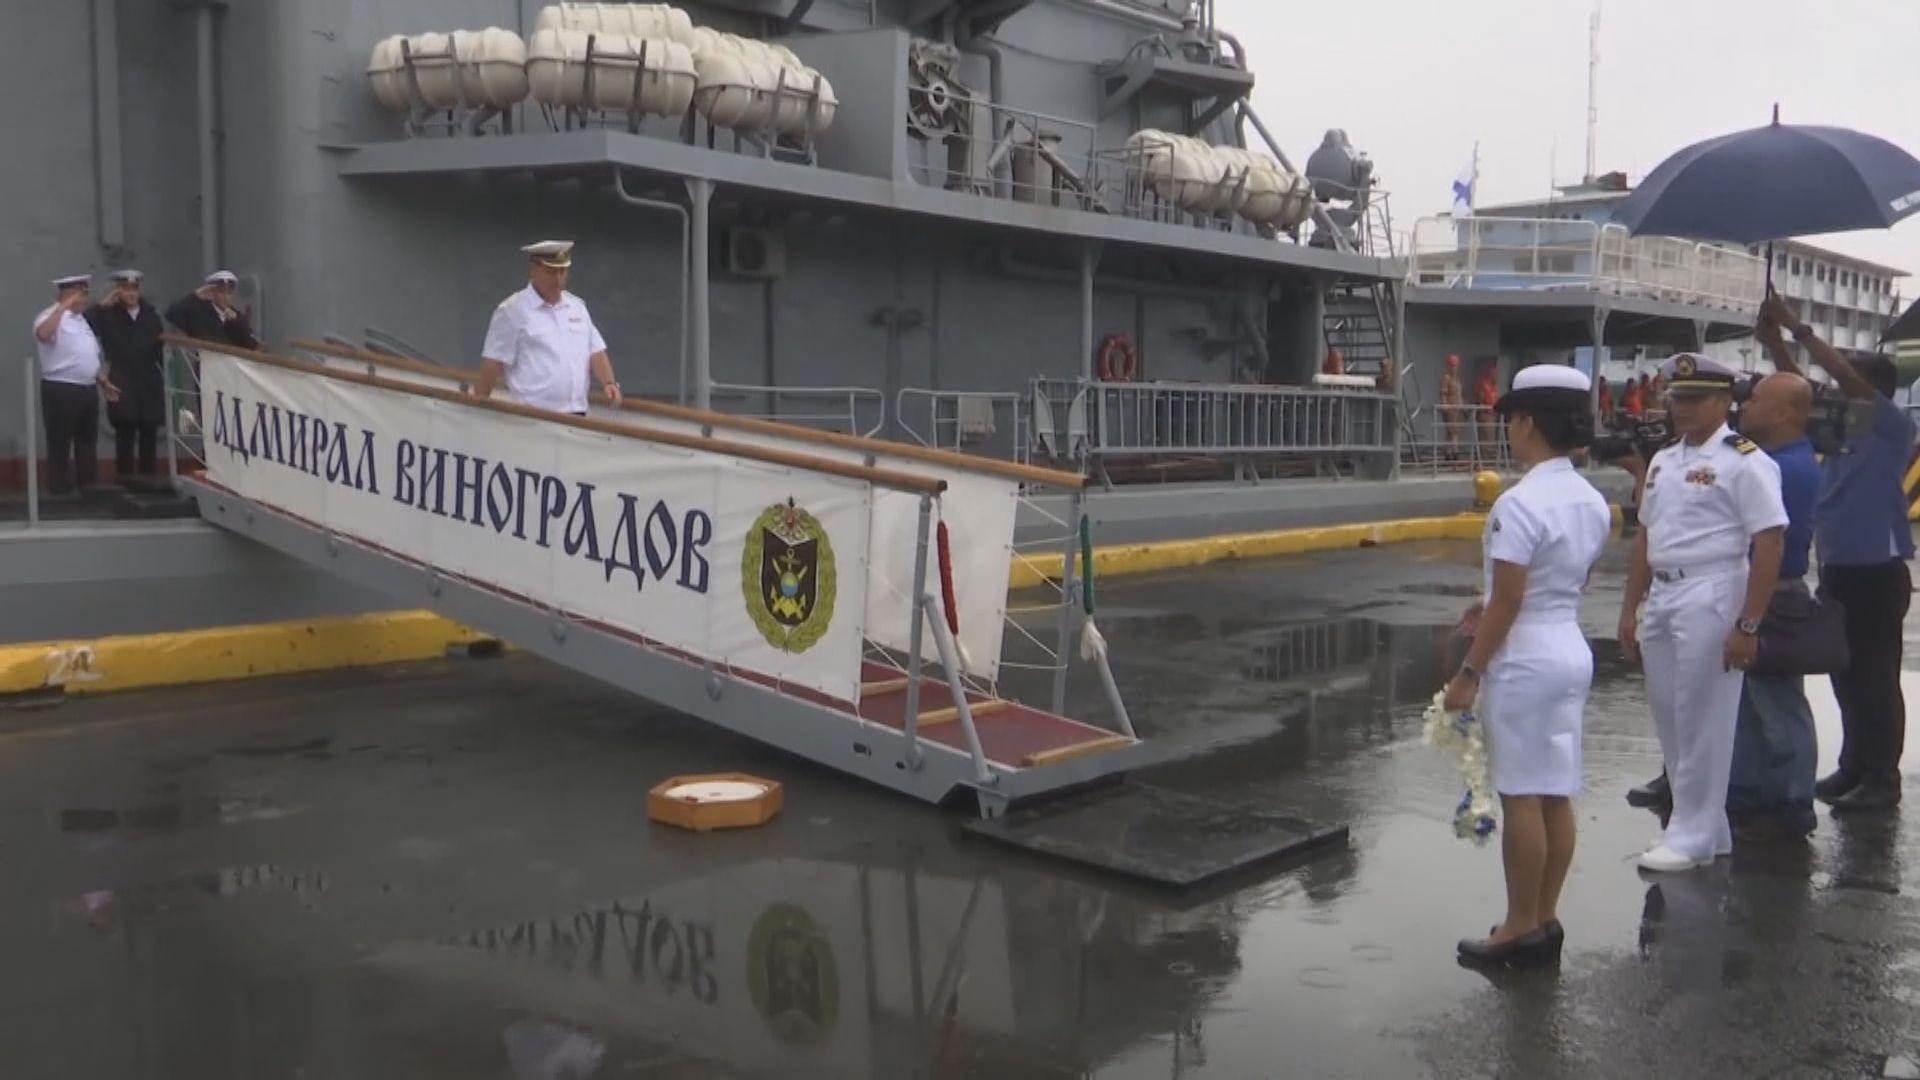 美俄軍艦在東海險碰撞 俄方提出抗議